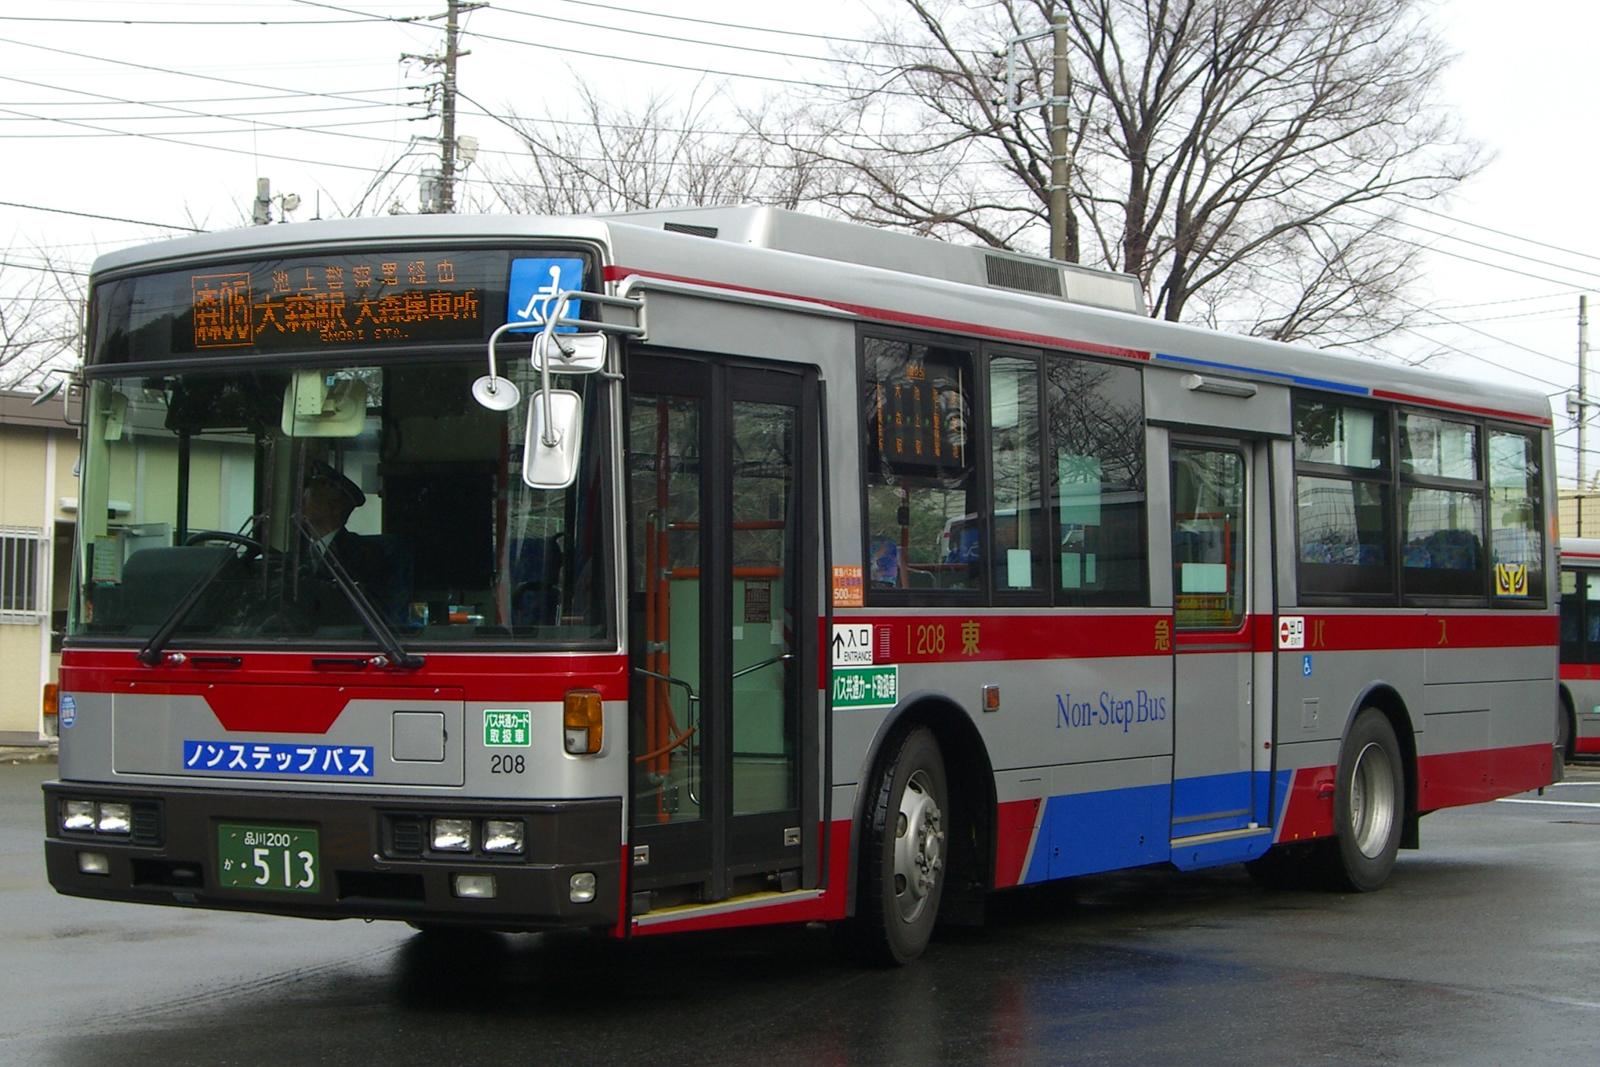 大森操車所にて 2007.2